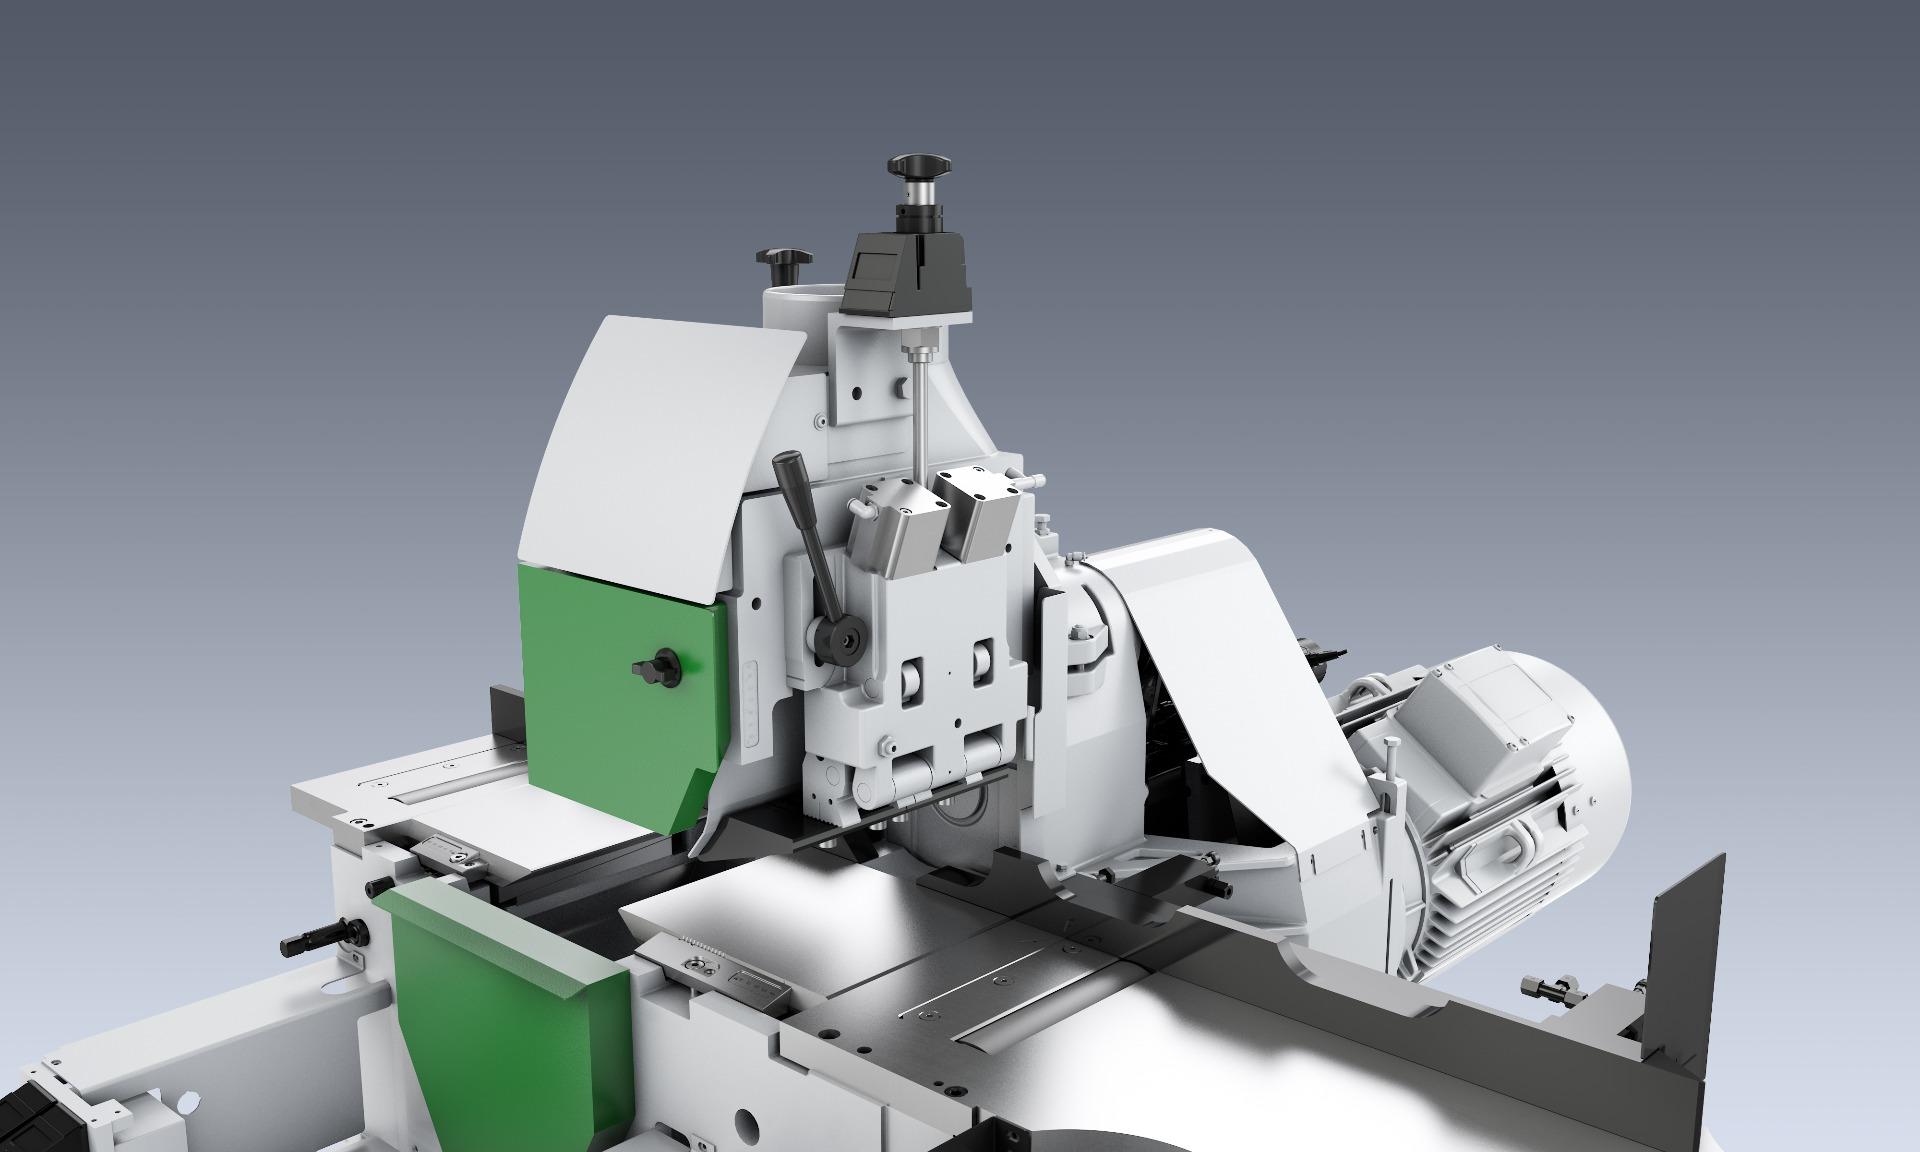 Weinig Powermat 3000 vierzijdige schaafmachine